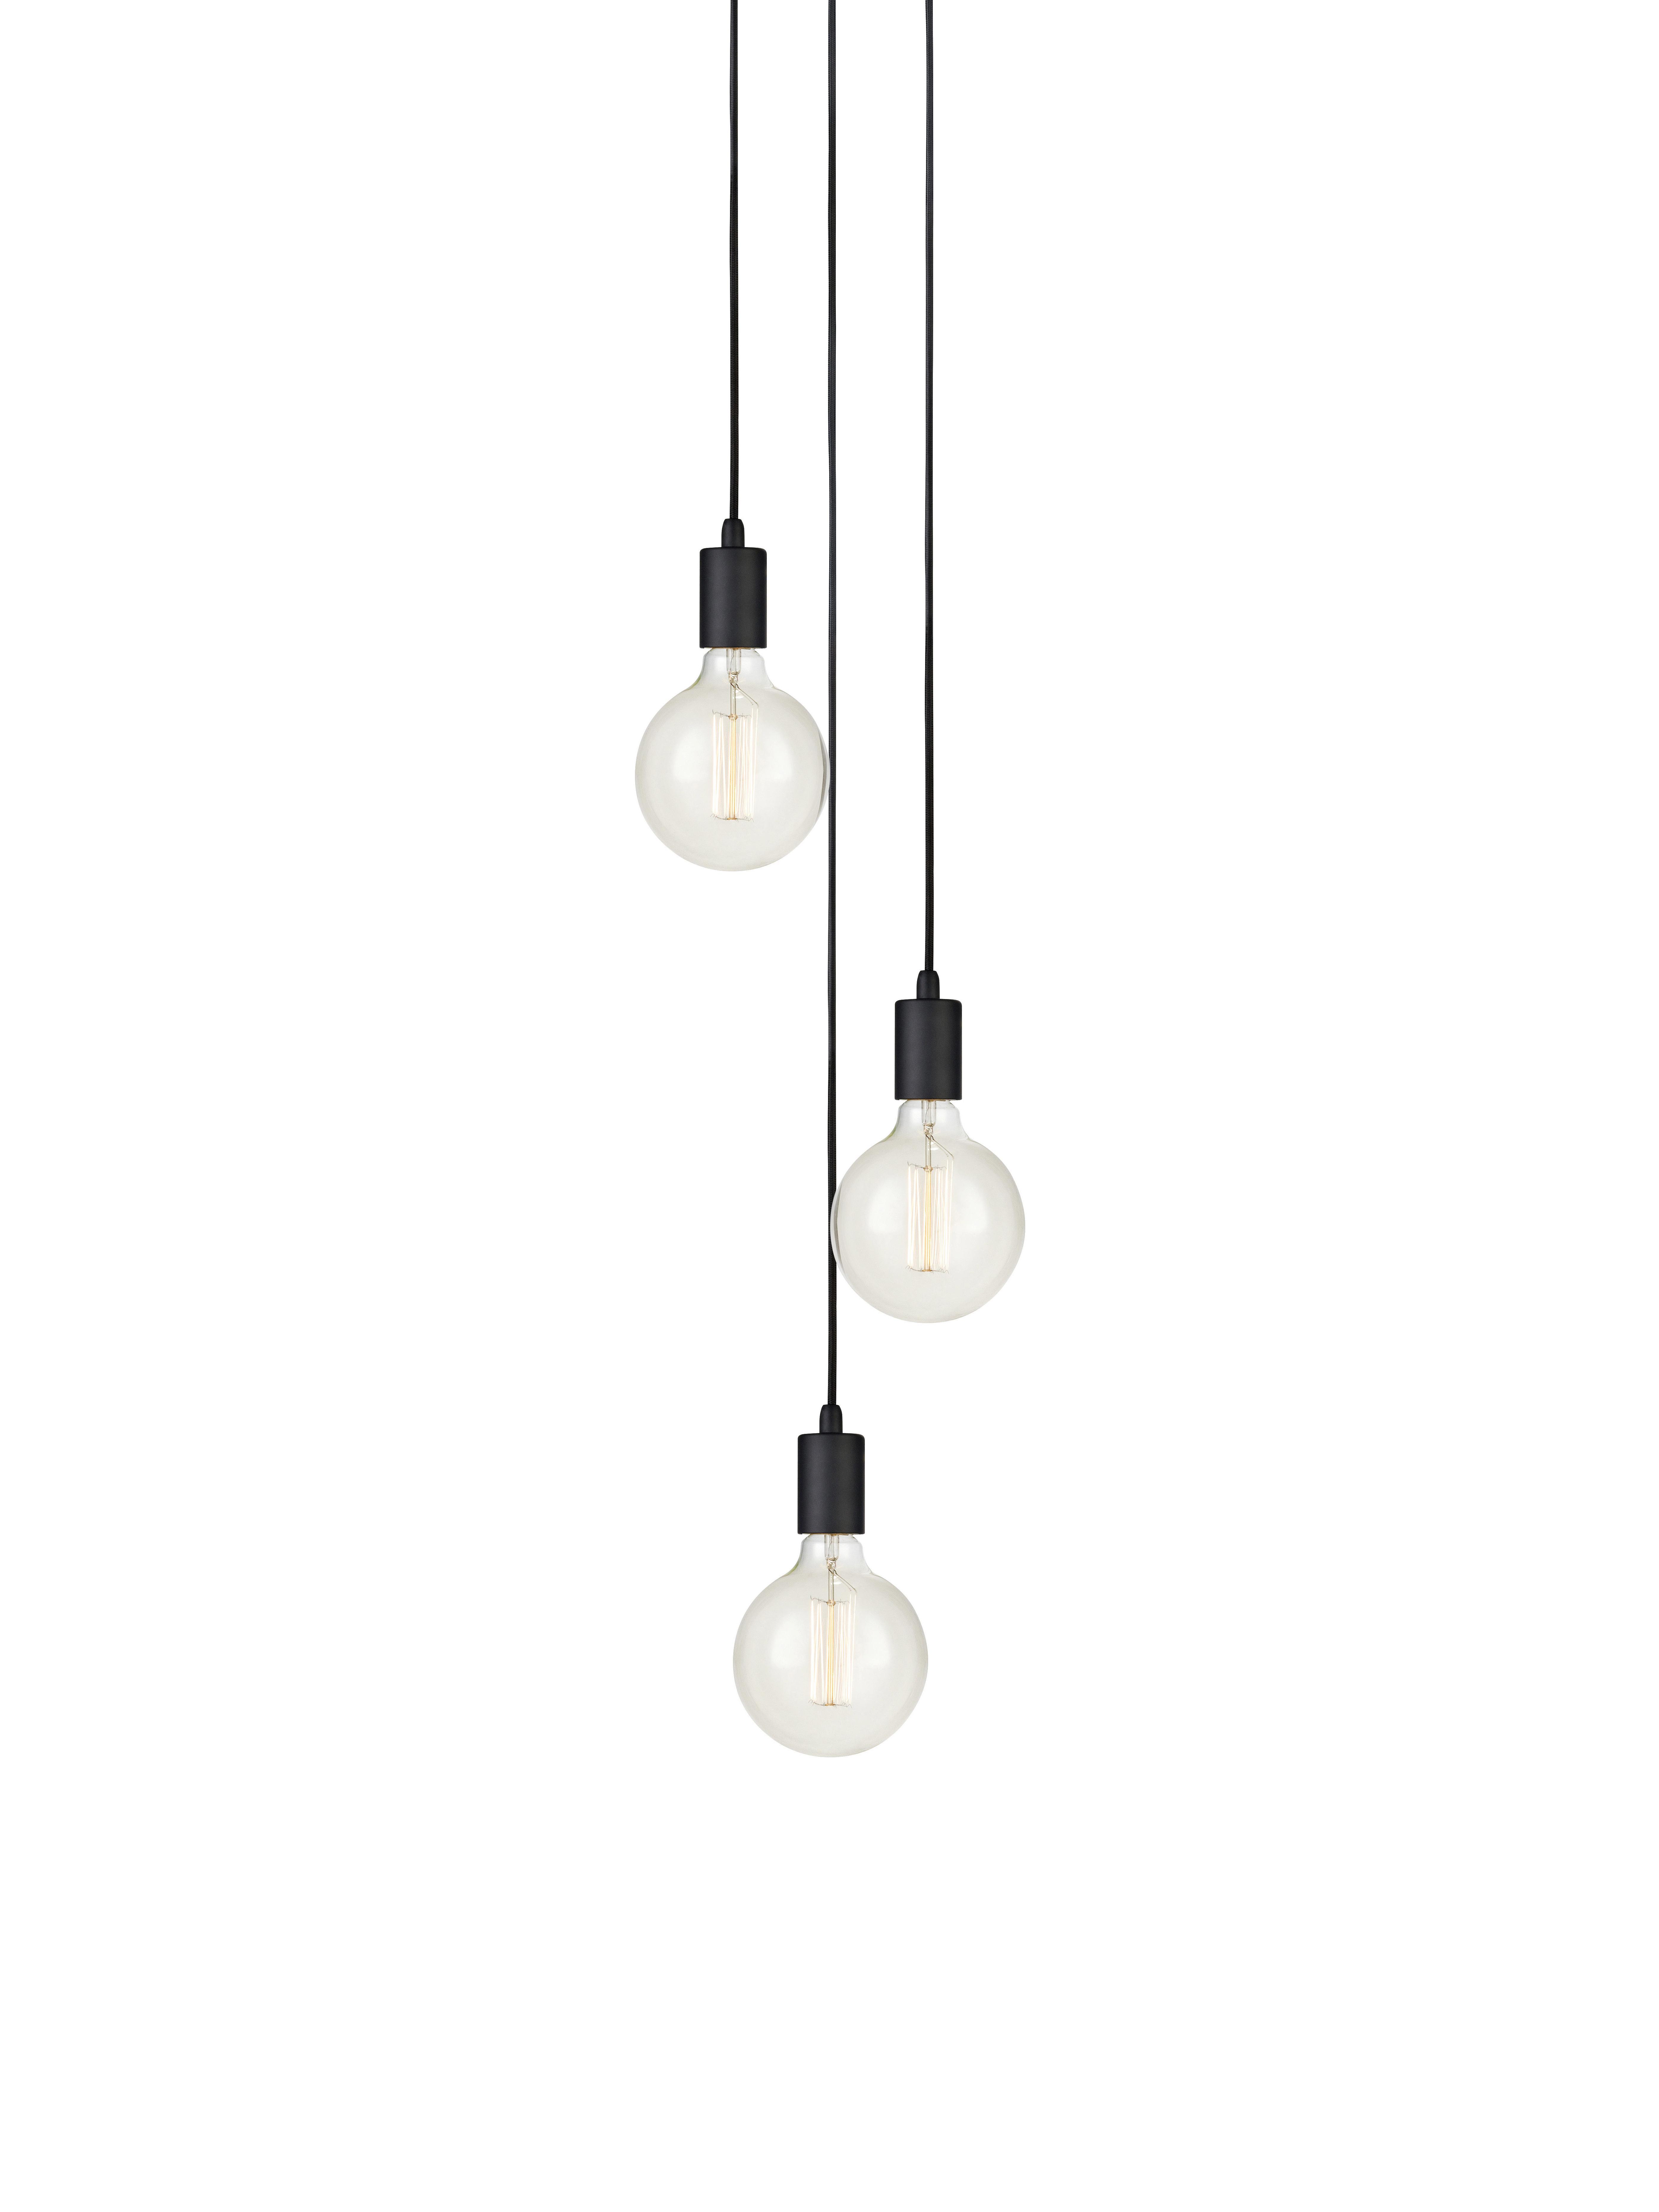 Lampada a sospensione nera Sky, Nero, Ø 25 x Alt. 150 cm